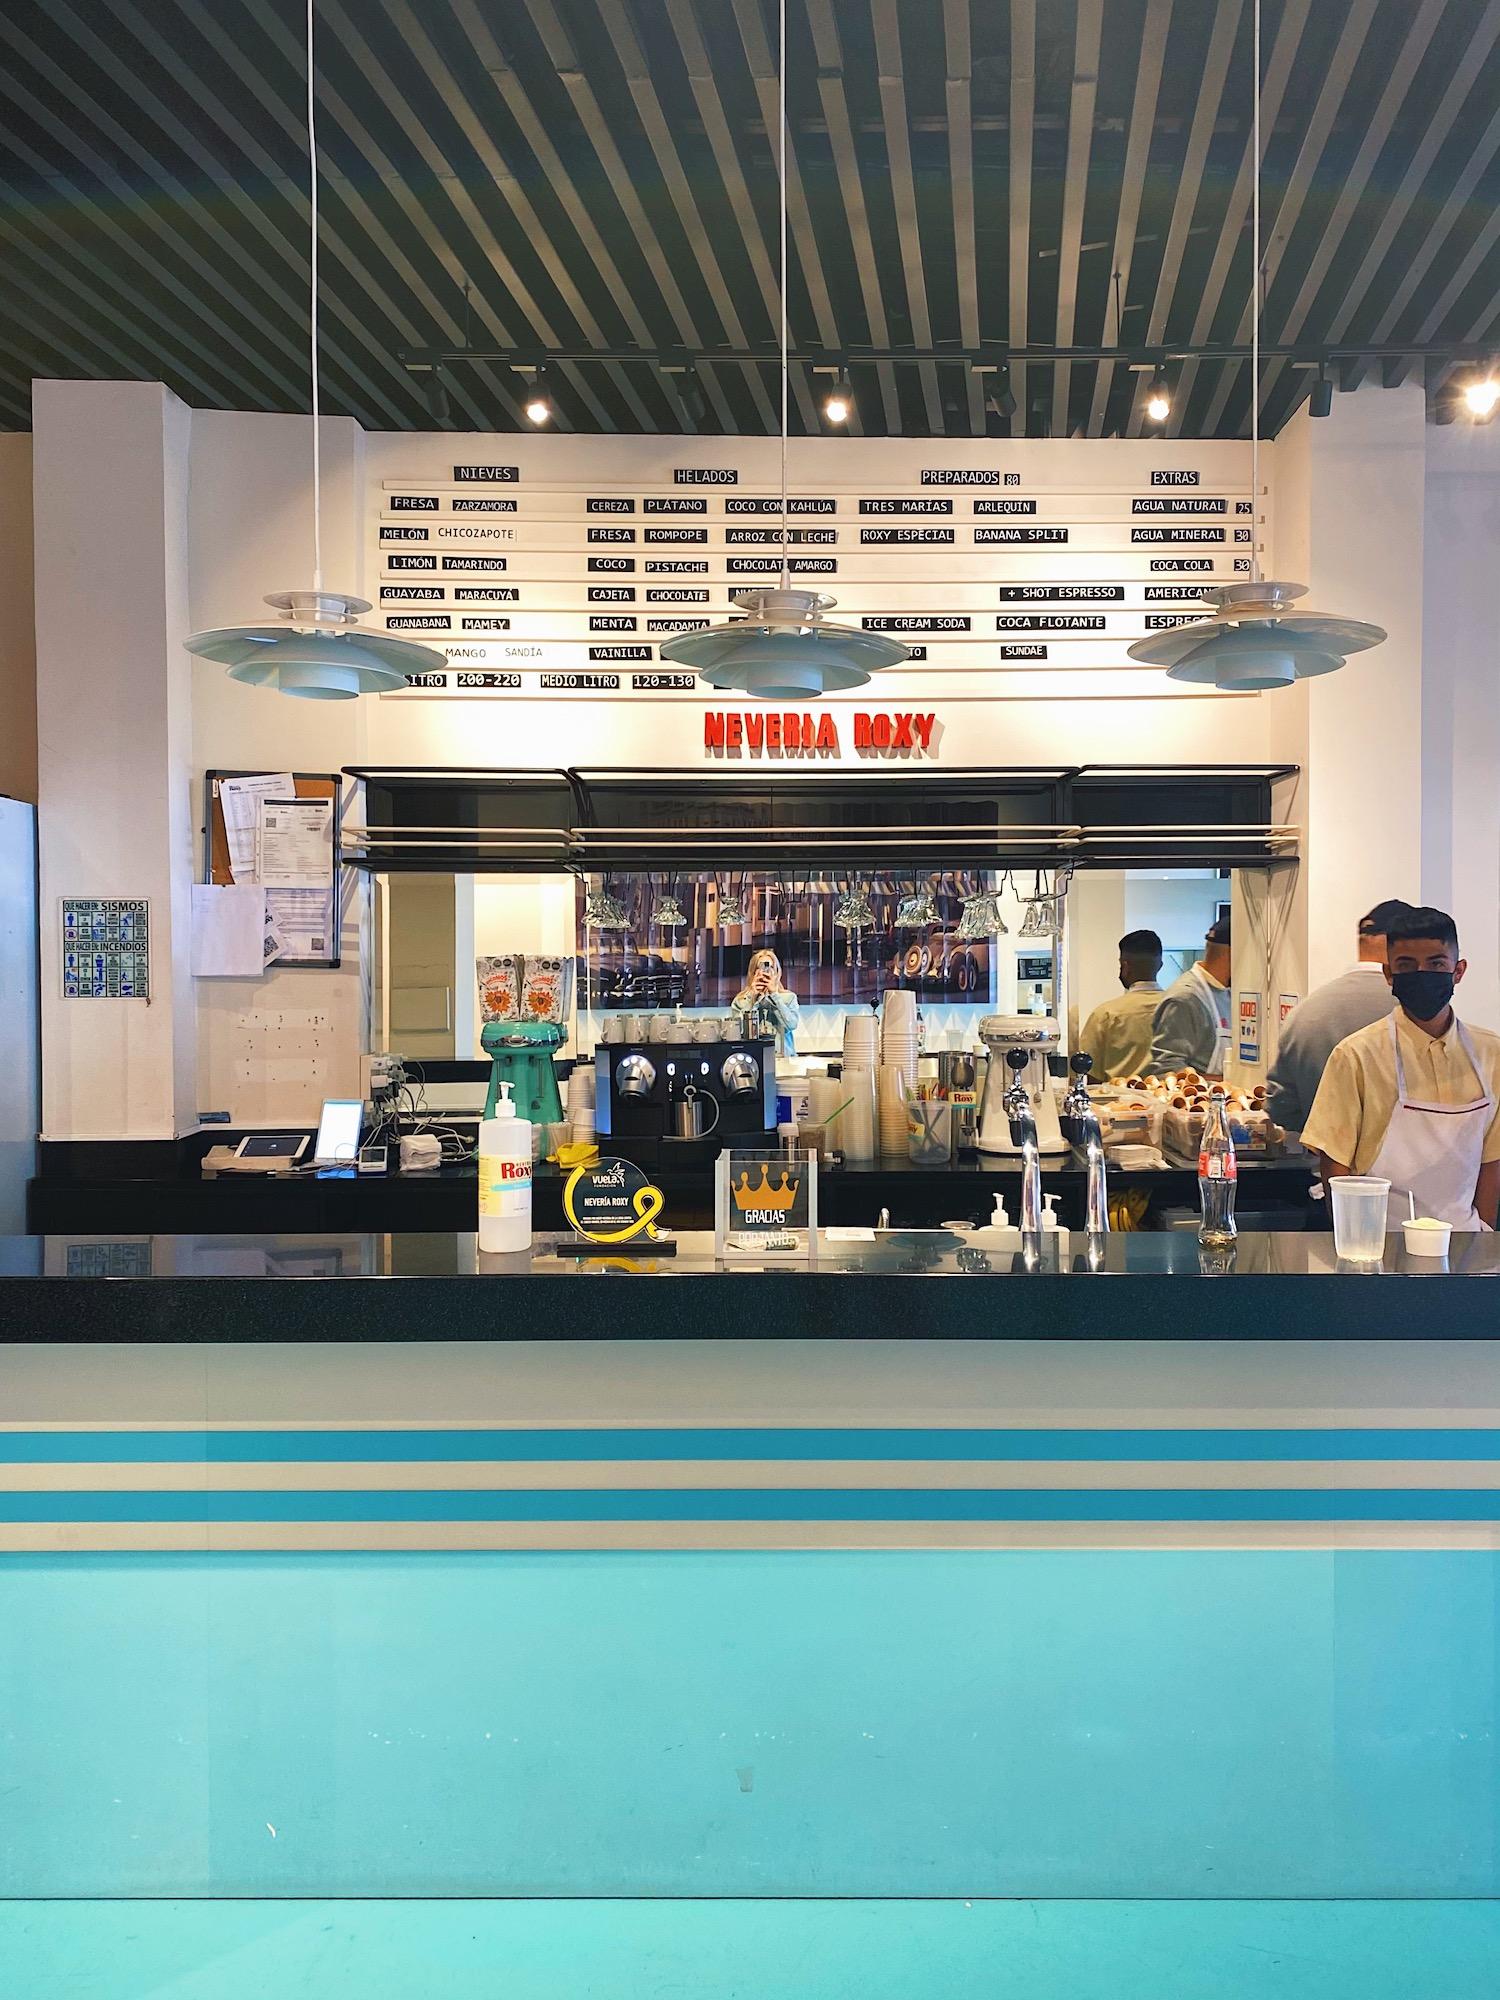 wu-haus-mexico-city-guide-food-roxy-icecreams